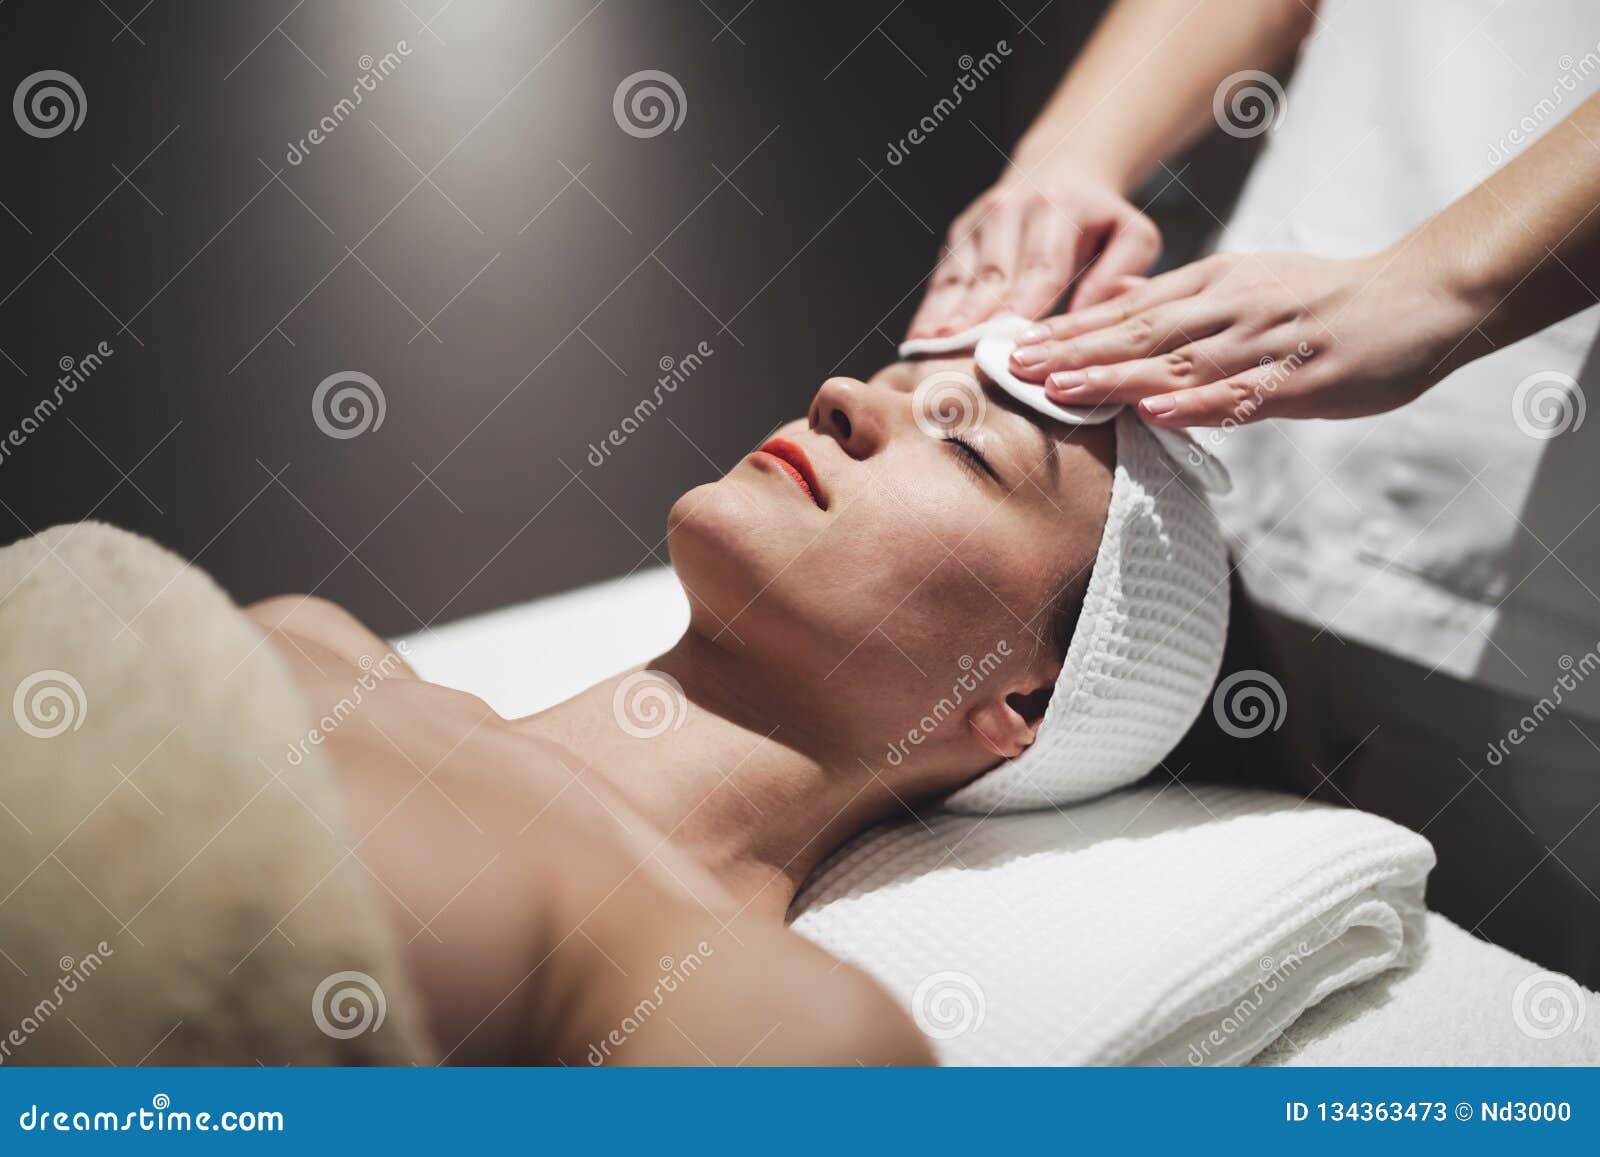 Επεξεργασία δερμάτων και προσώπου massage spa στο θέρετρο